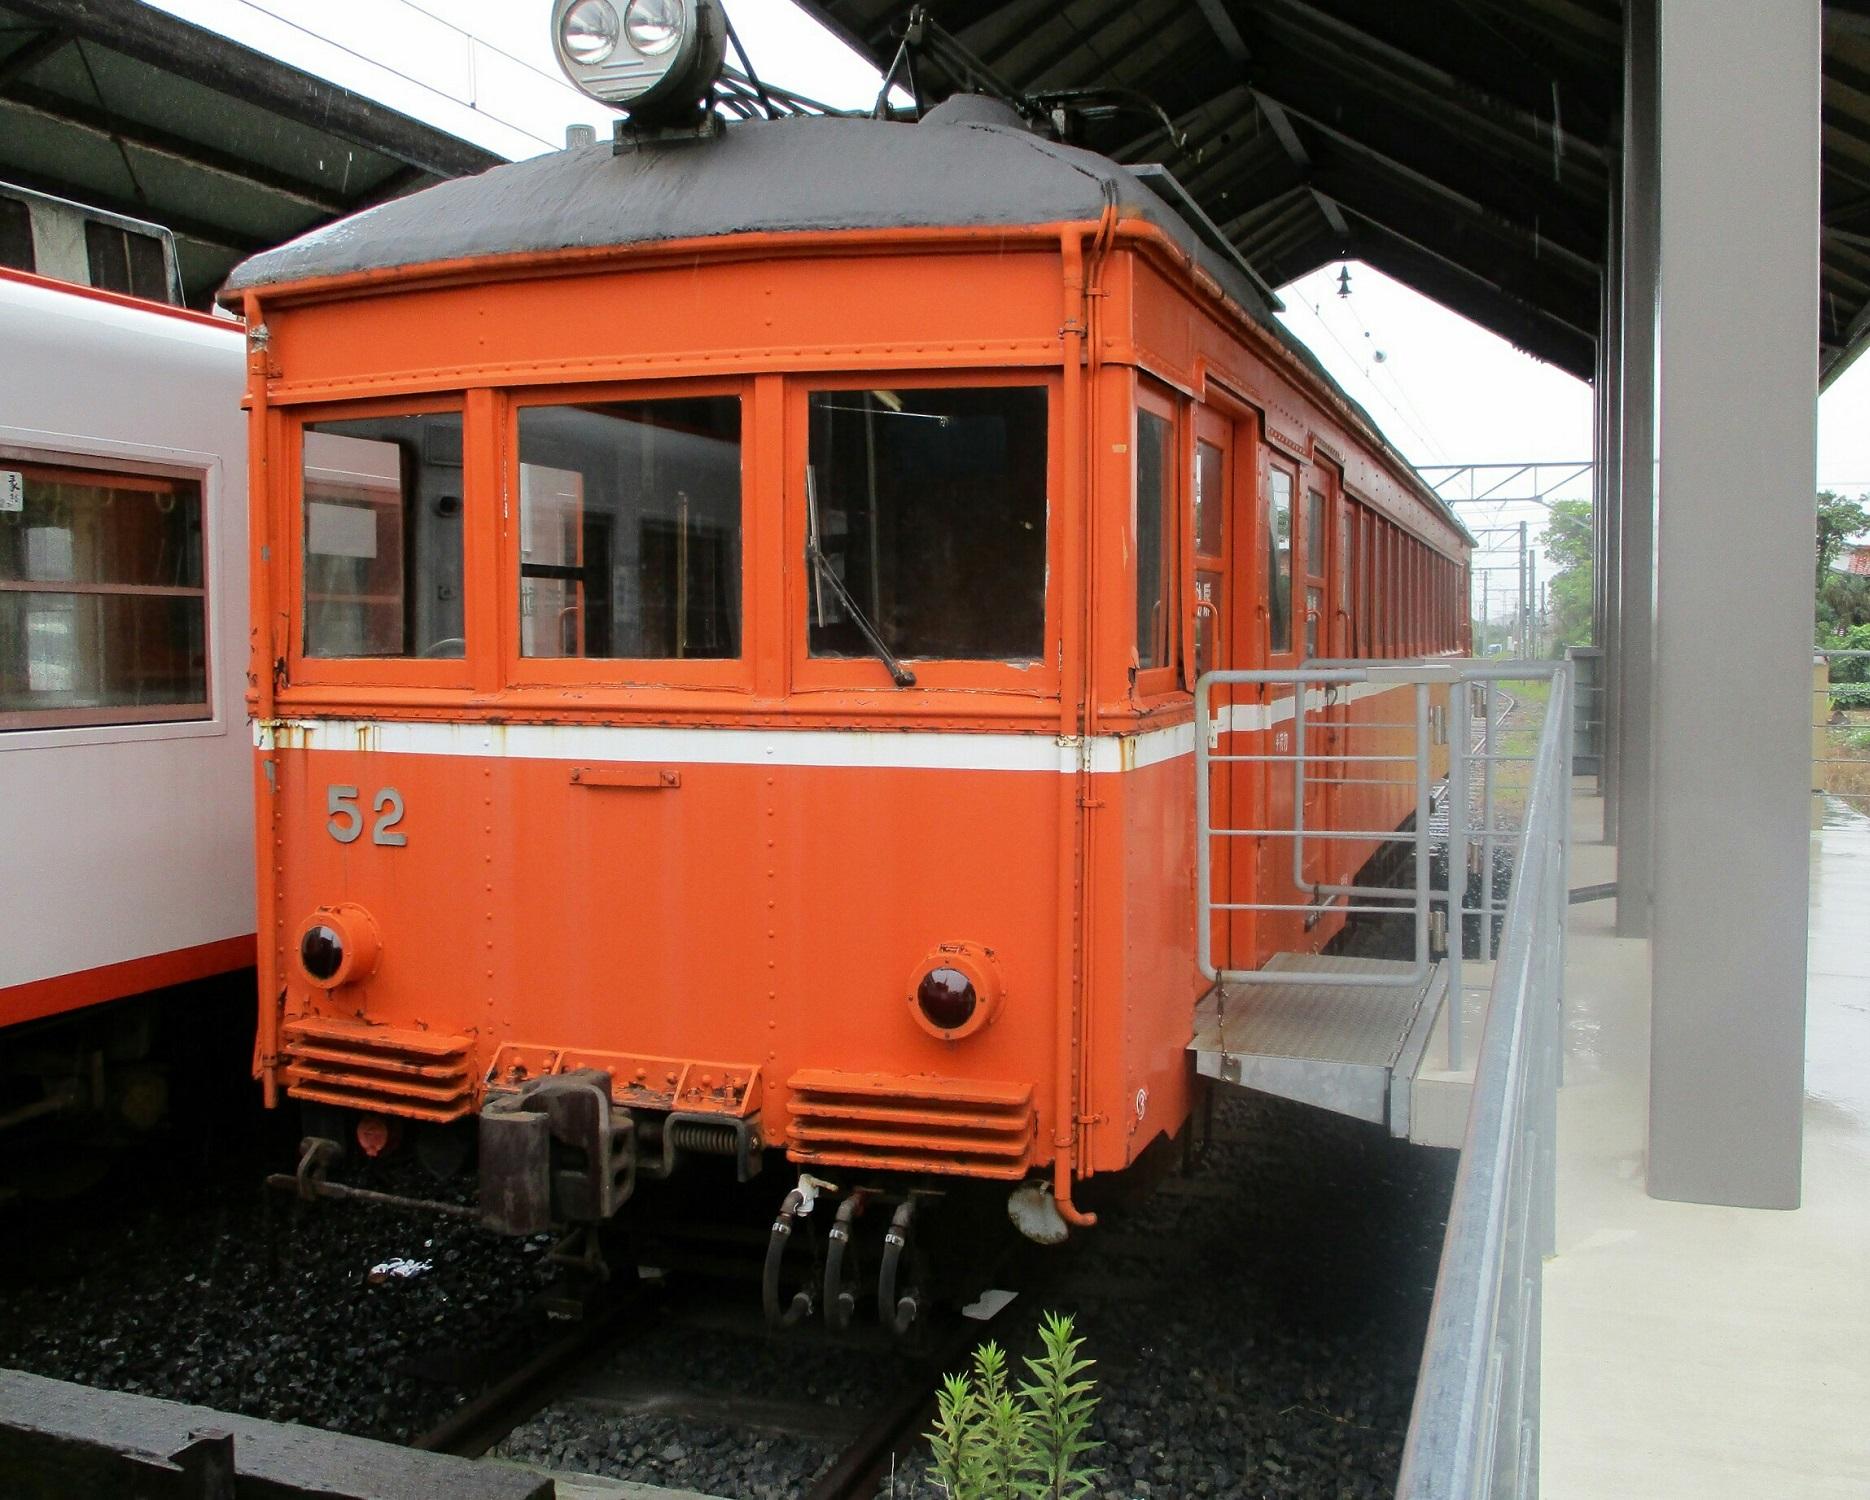 2018.7.6 (126) 出雲大社前 - デハニ50がた52号車 1870-1500